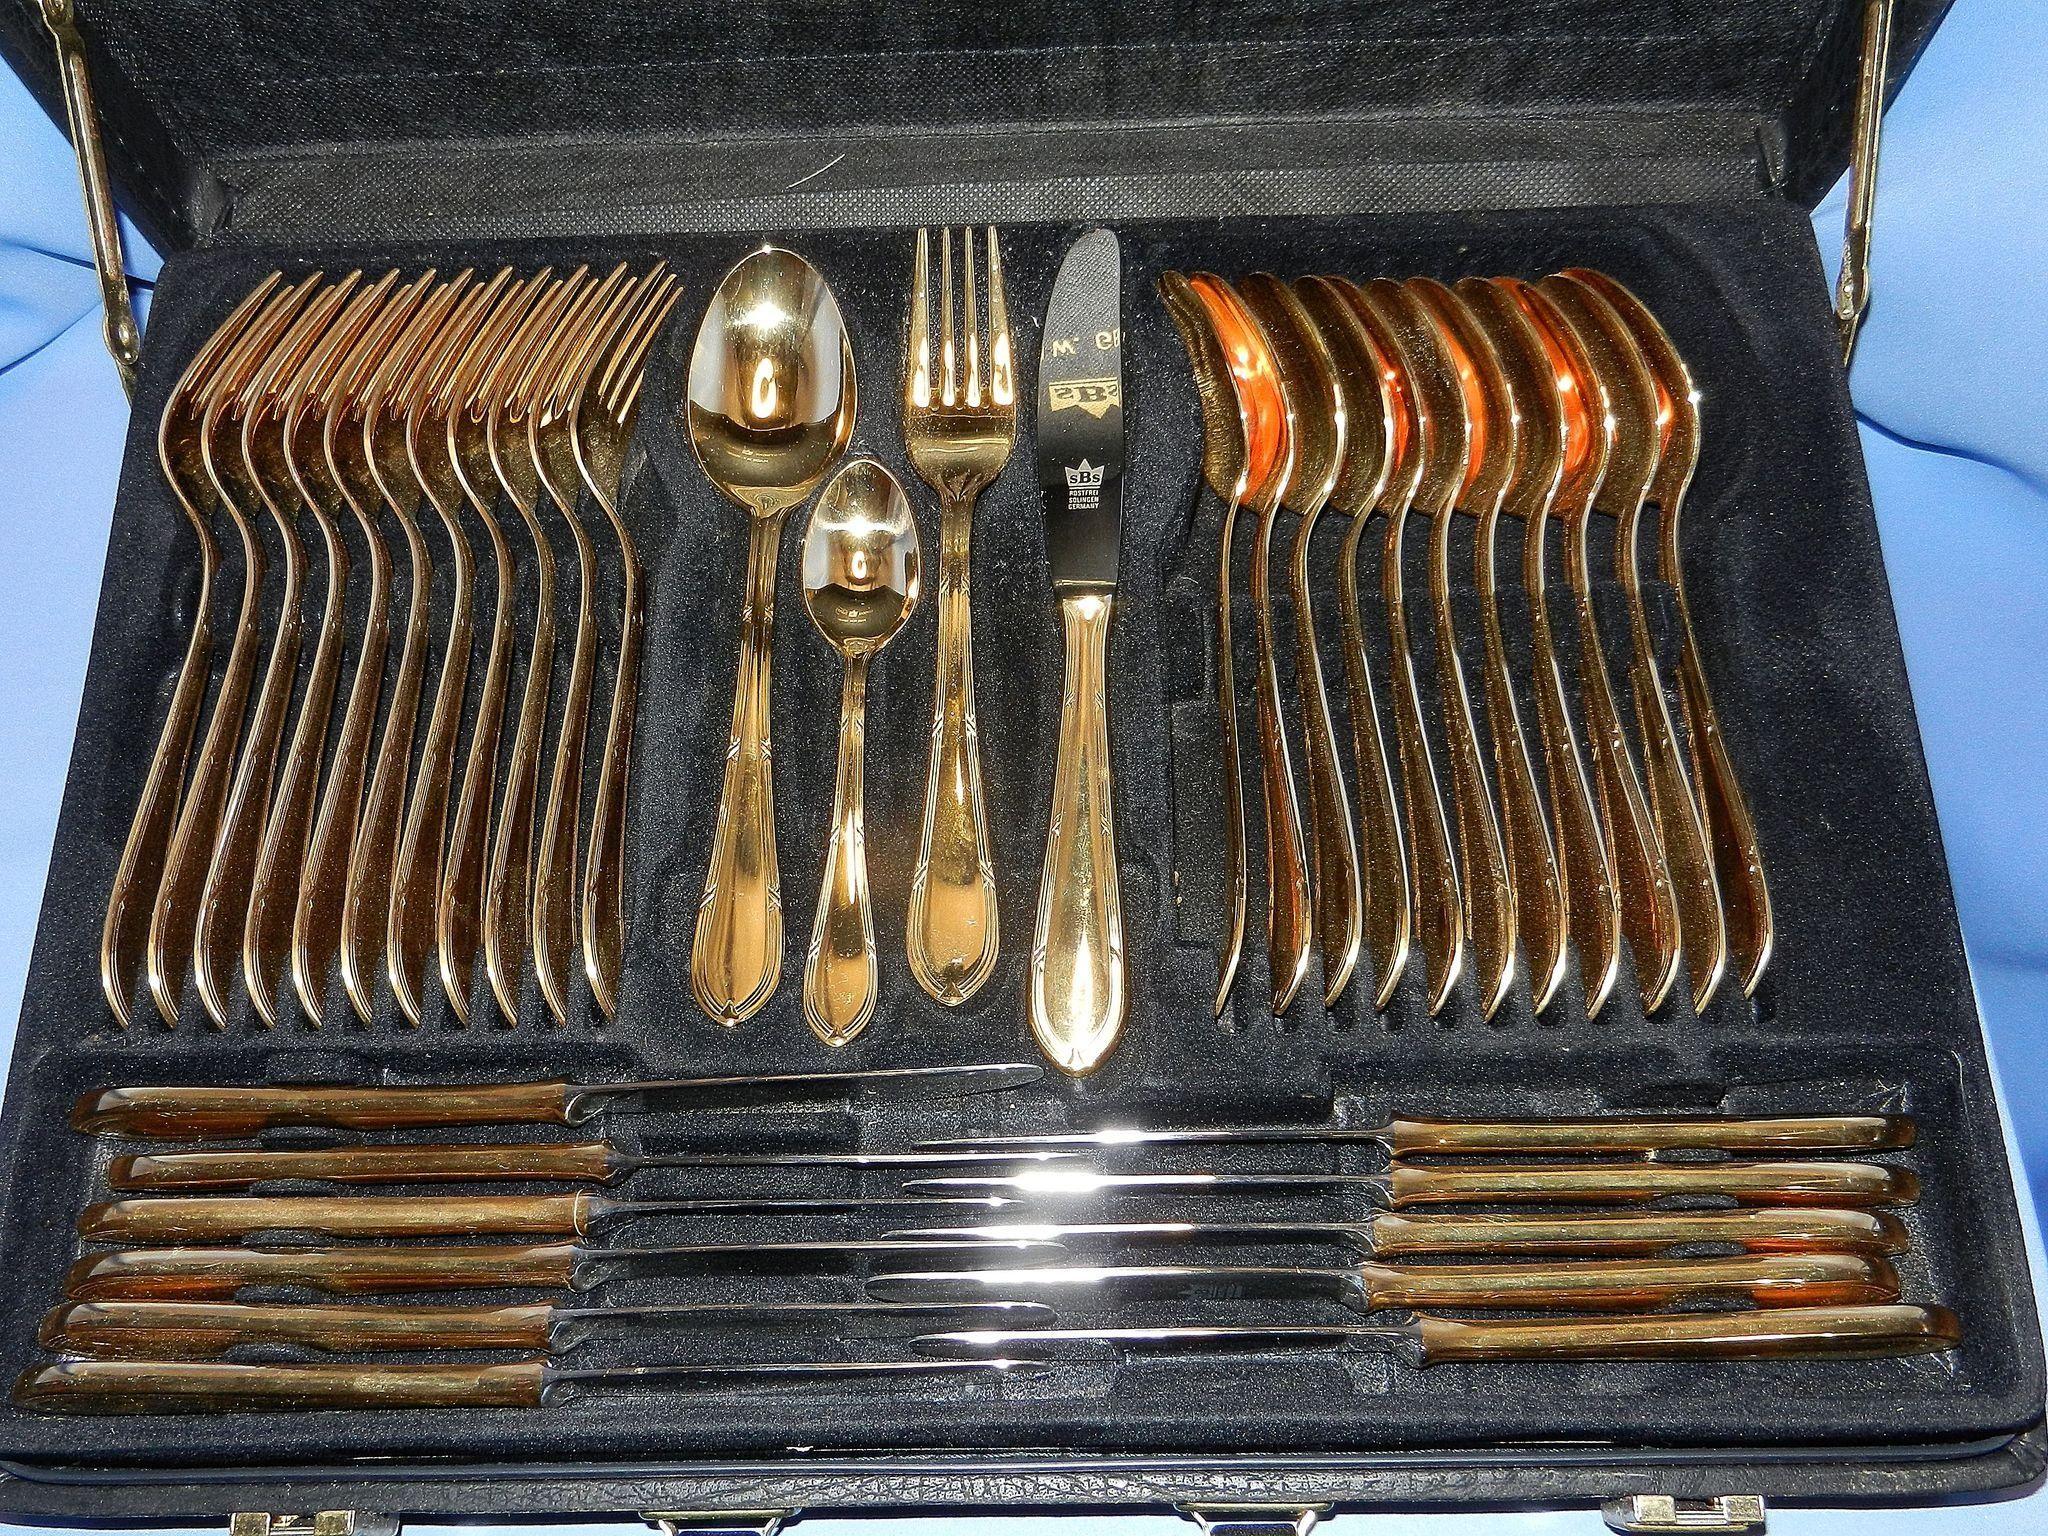 Vintage Besteck Solingen Germany 23/24 Kt Gold Plated Cutlery Set ...